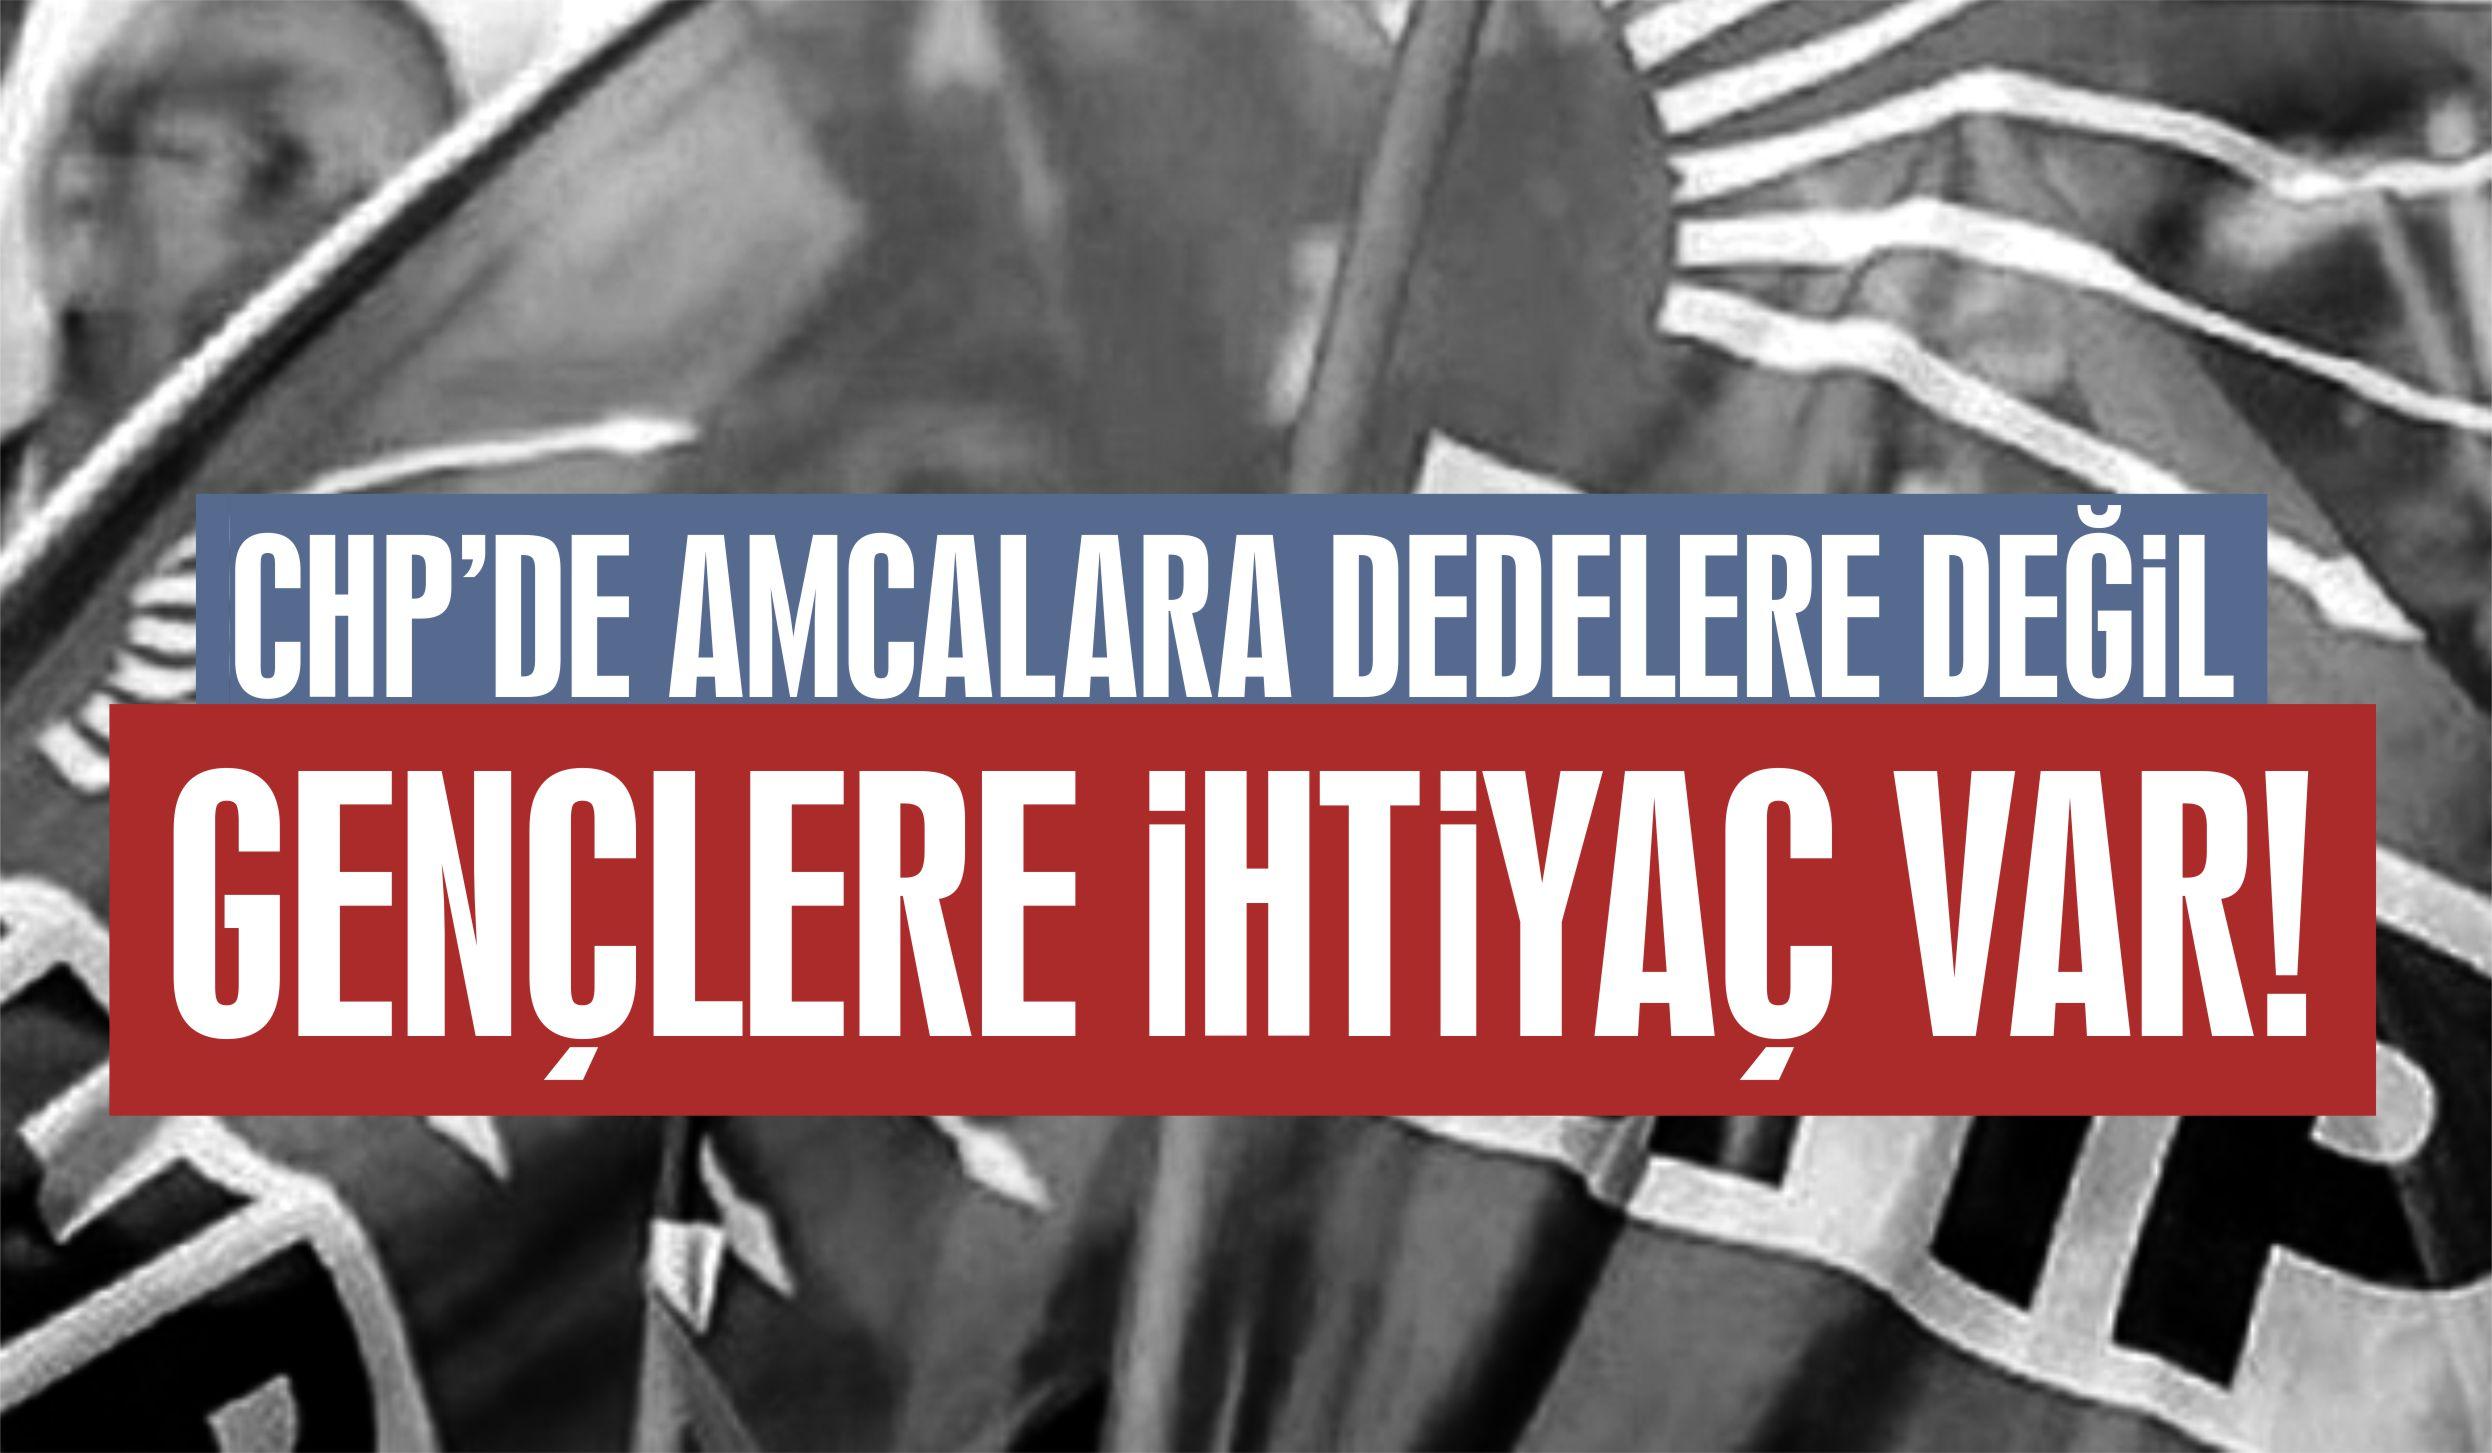 CHP'DE AMCALARA DEDELERE DEĞİL GENÇLERE İHTİYAÇ VAR